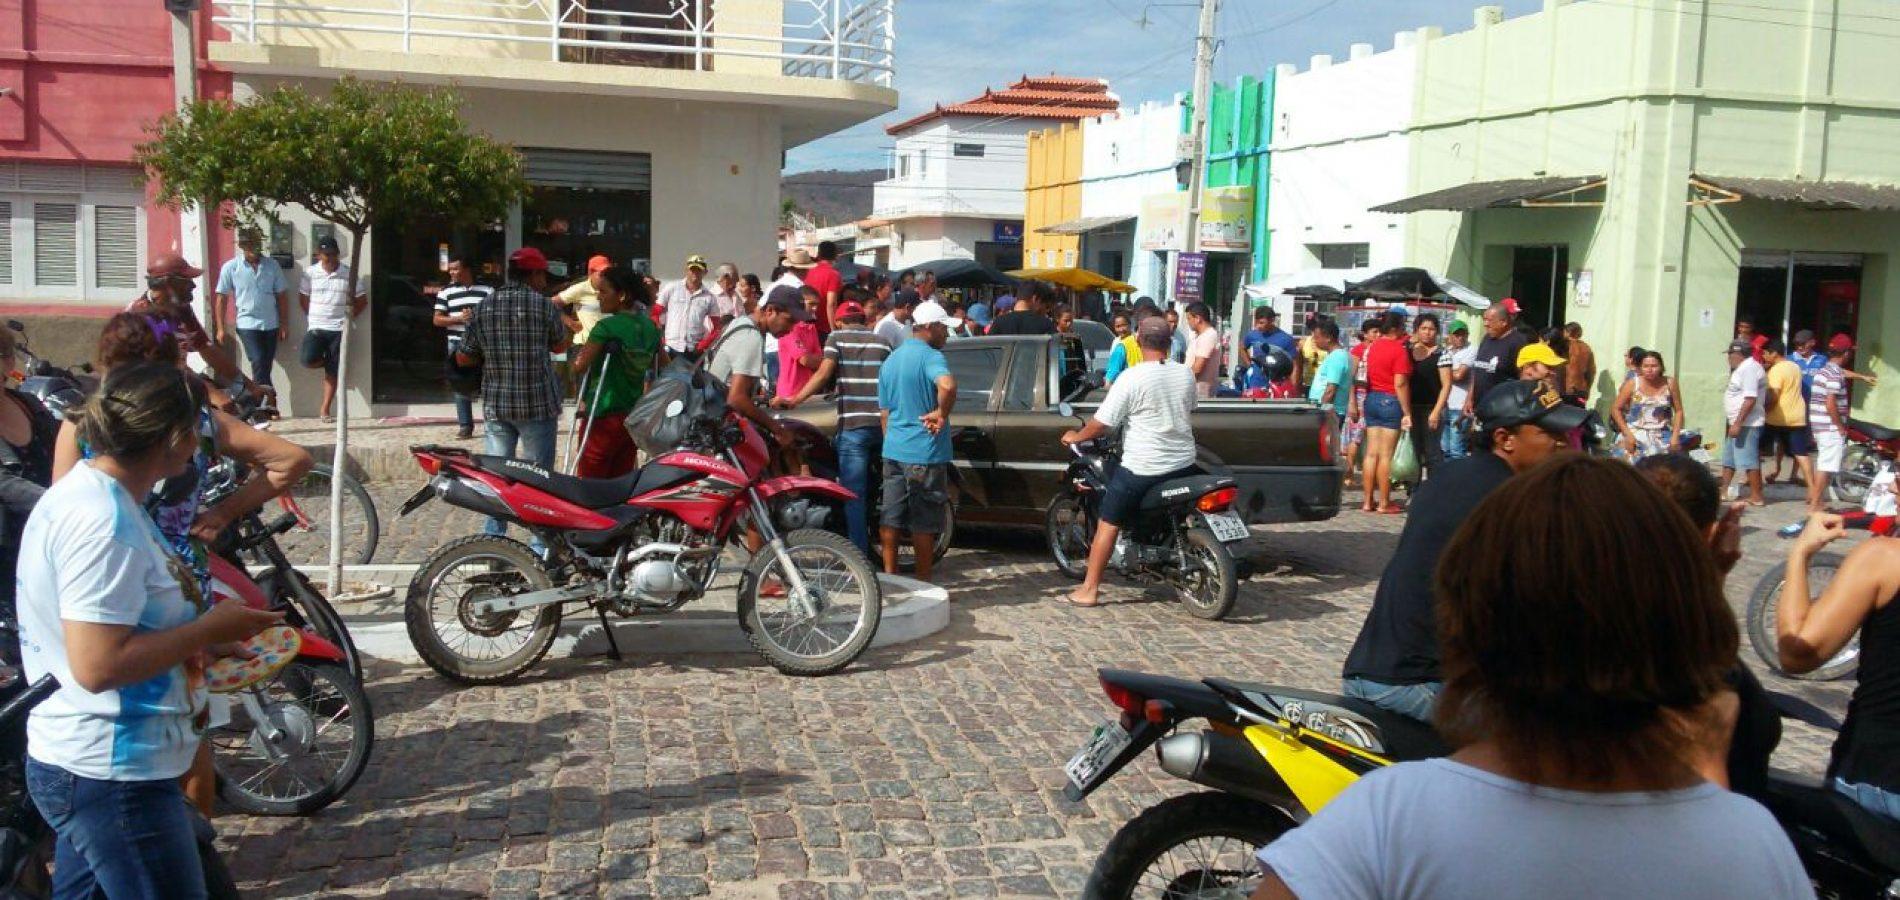 Moto-taxista é morto a tiros no centro da cidade de Fronteiras